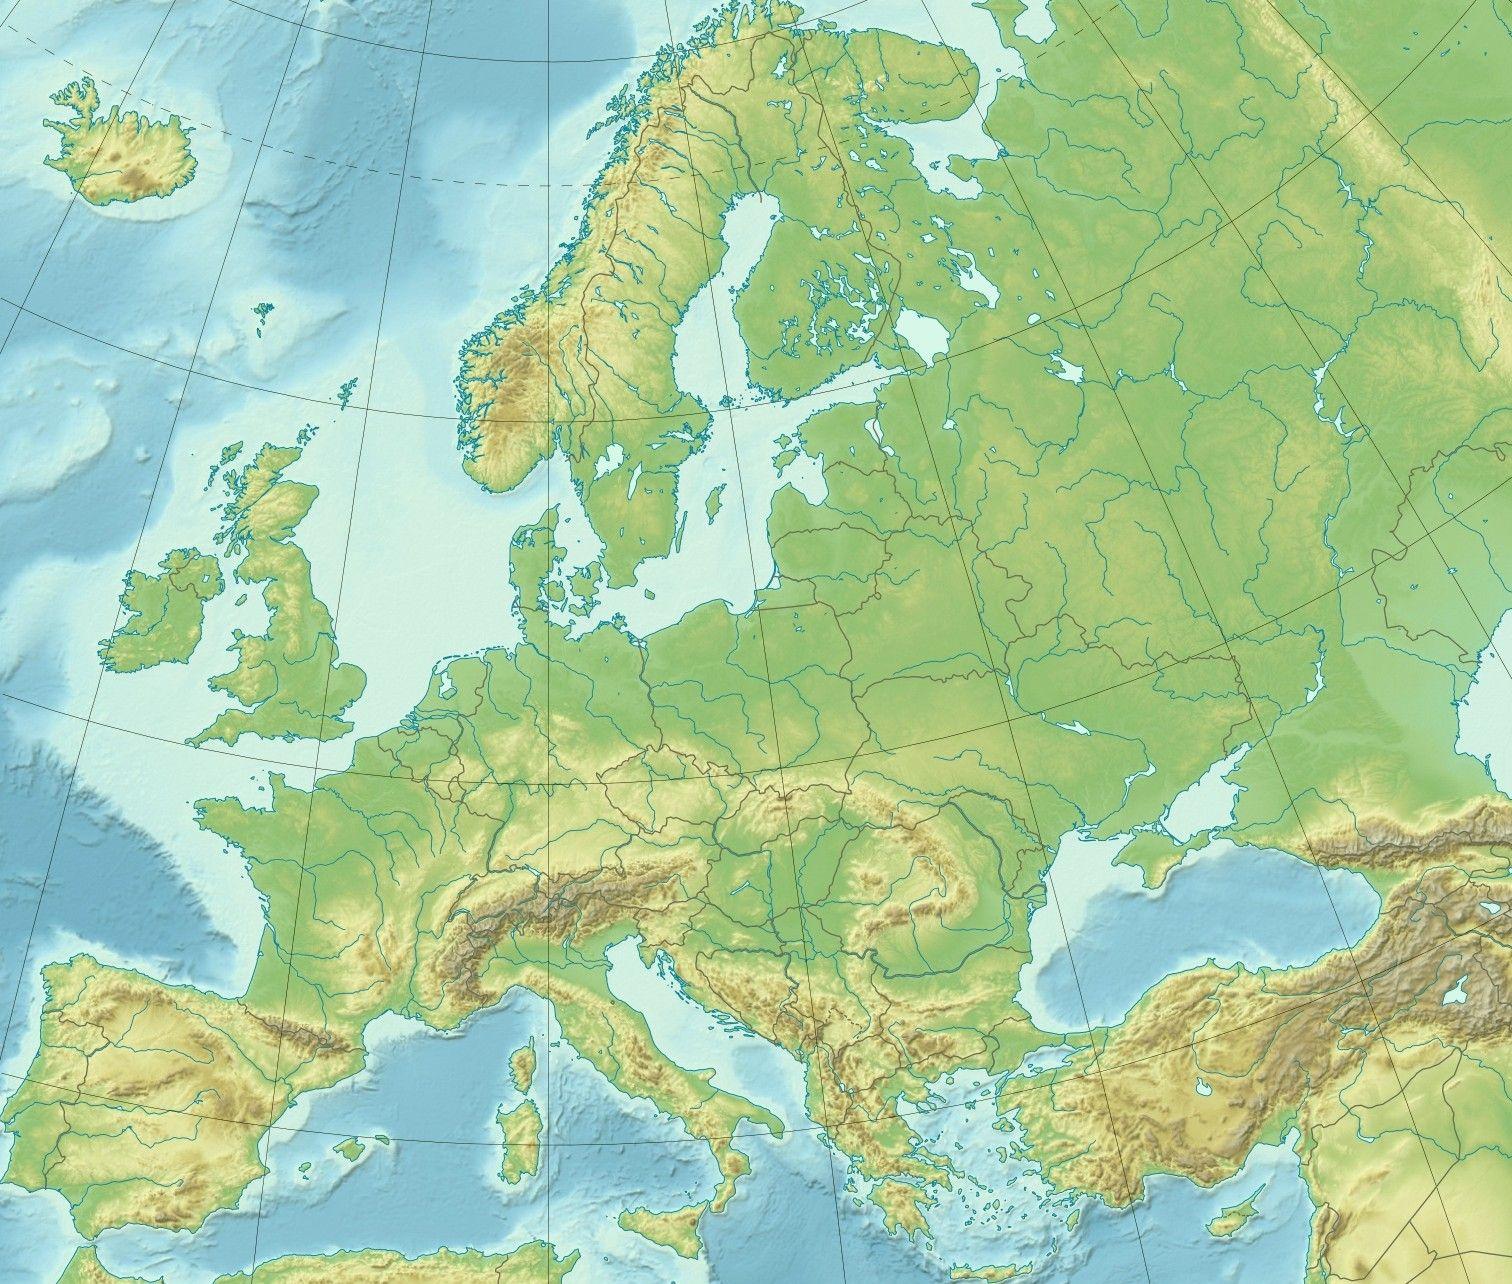 Cartes De L'europe Et Rmations Sur Le Continent Européen encequiconcerne Carte Géographique Europe